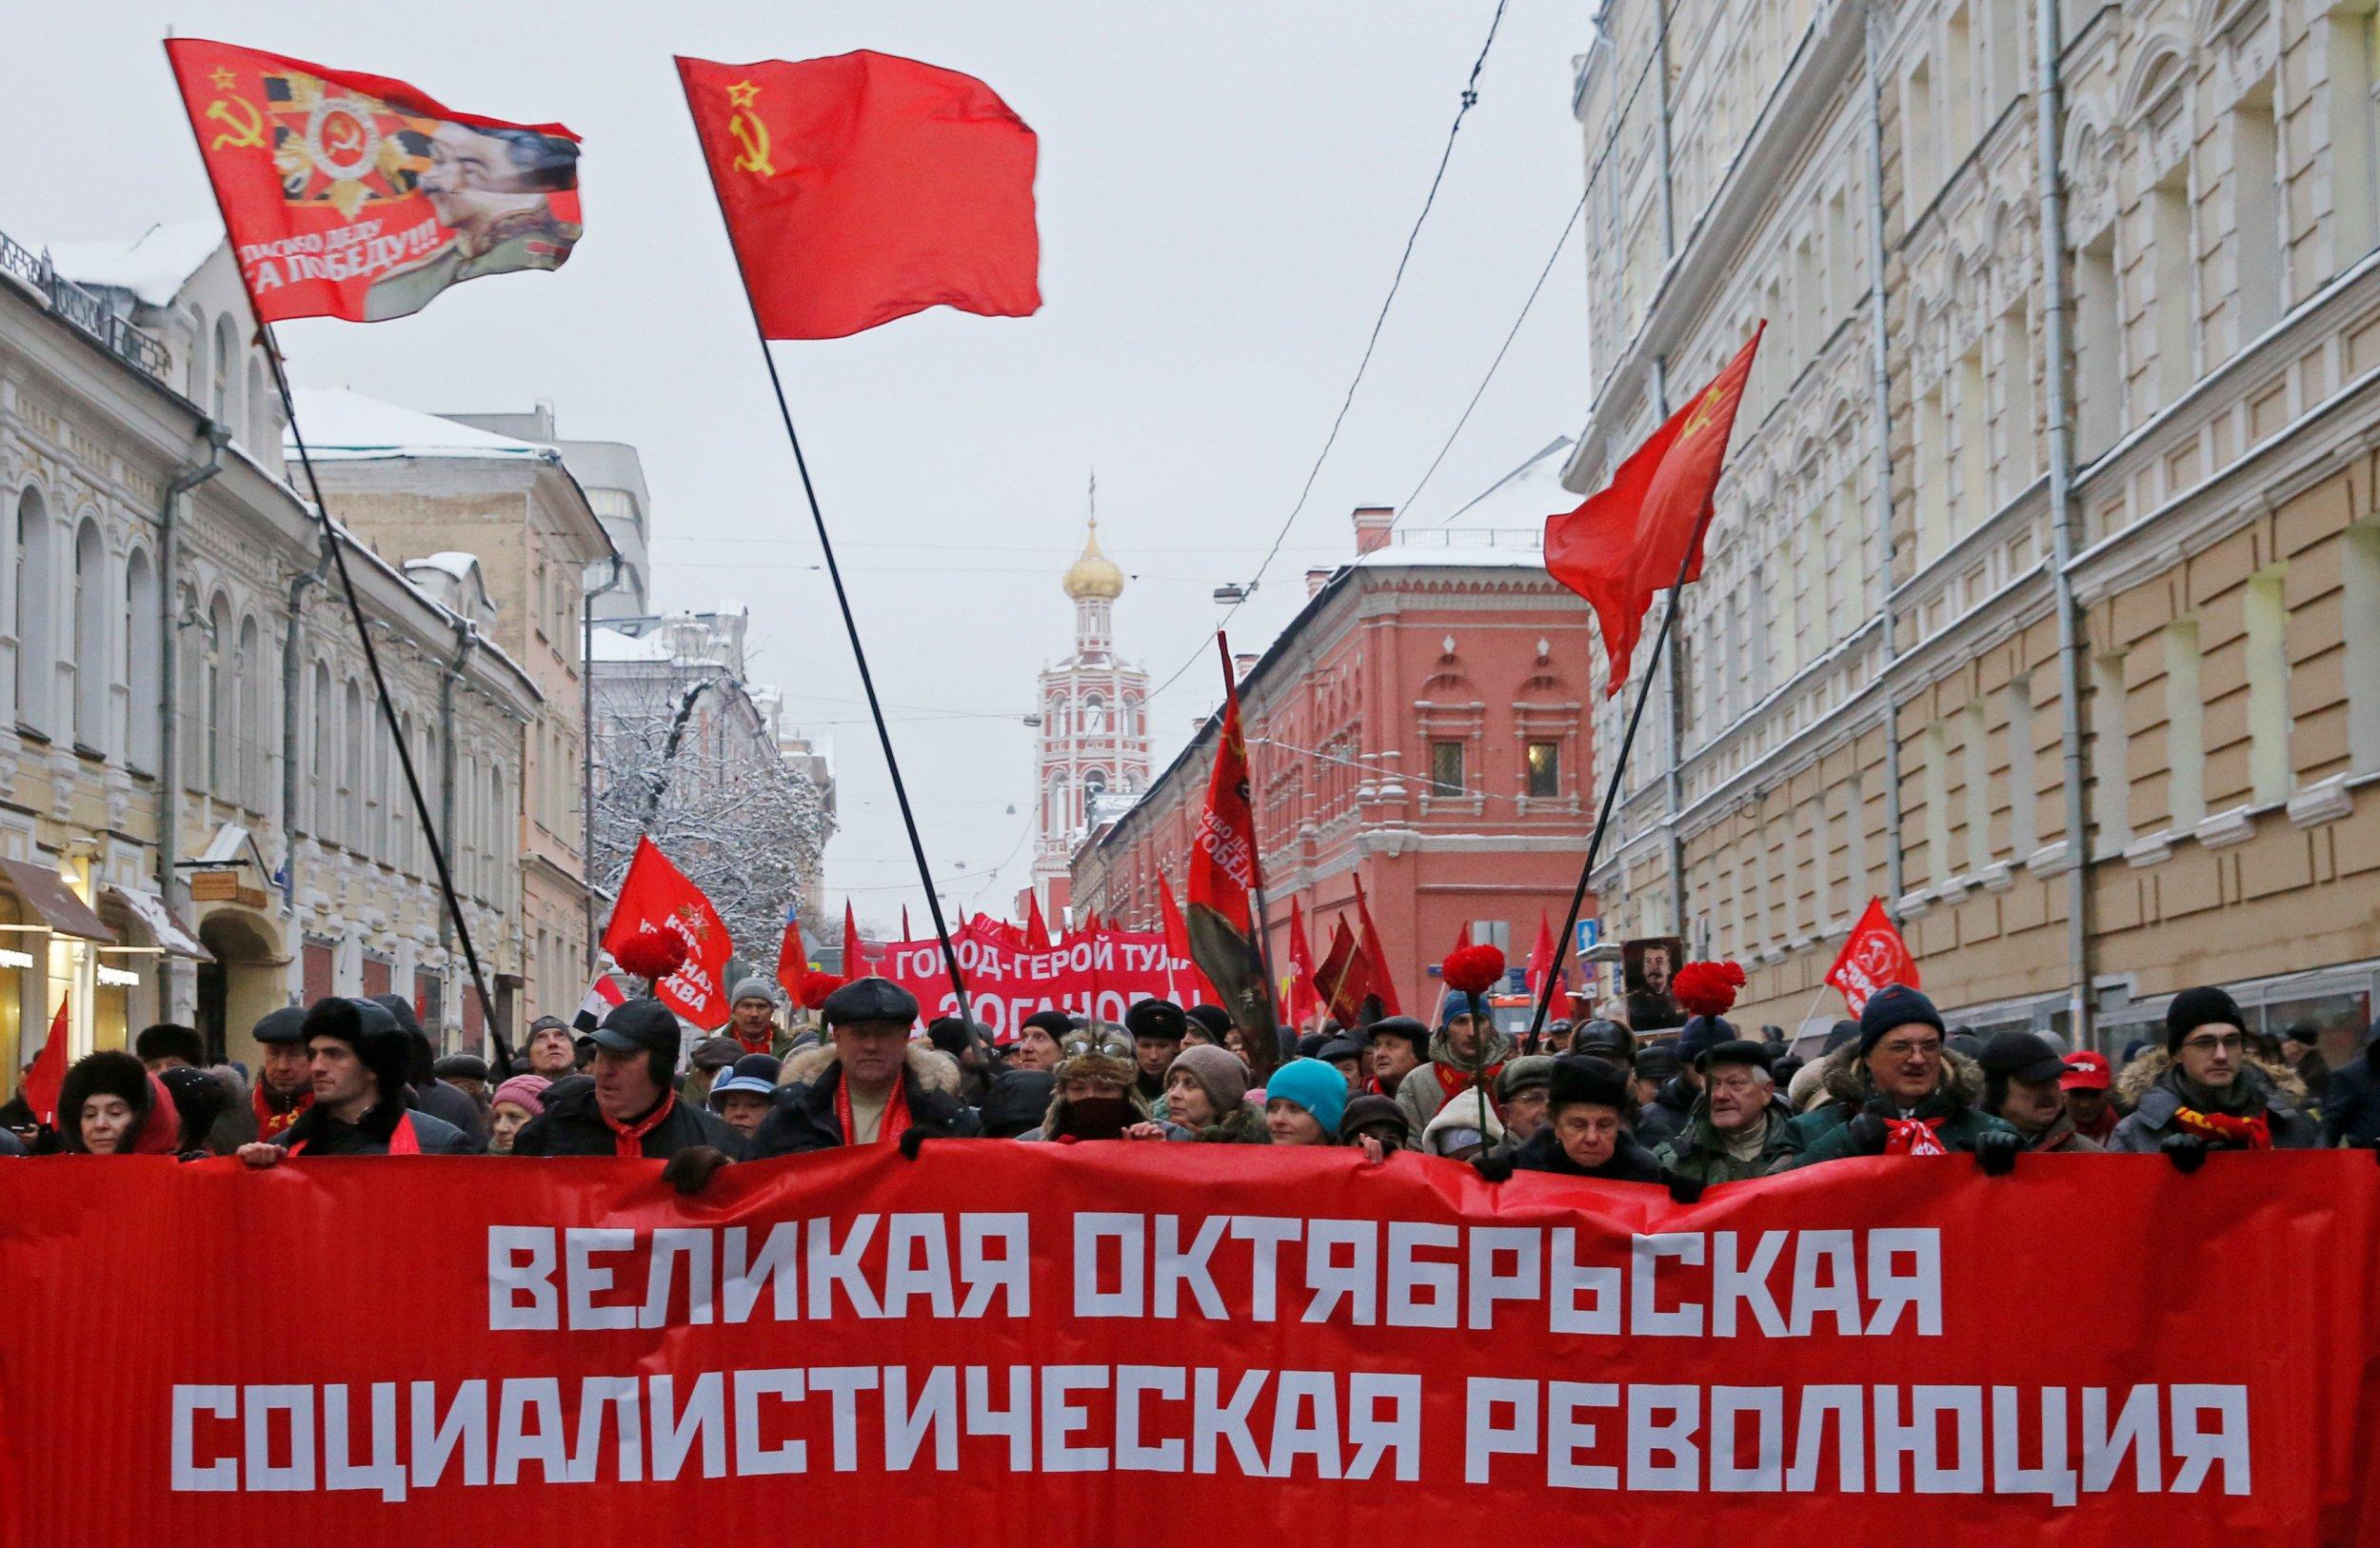 11_06_October_Revolution